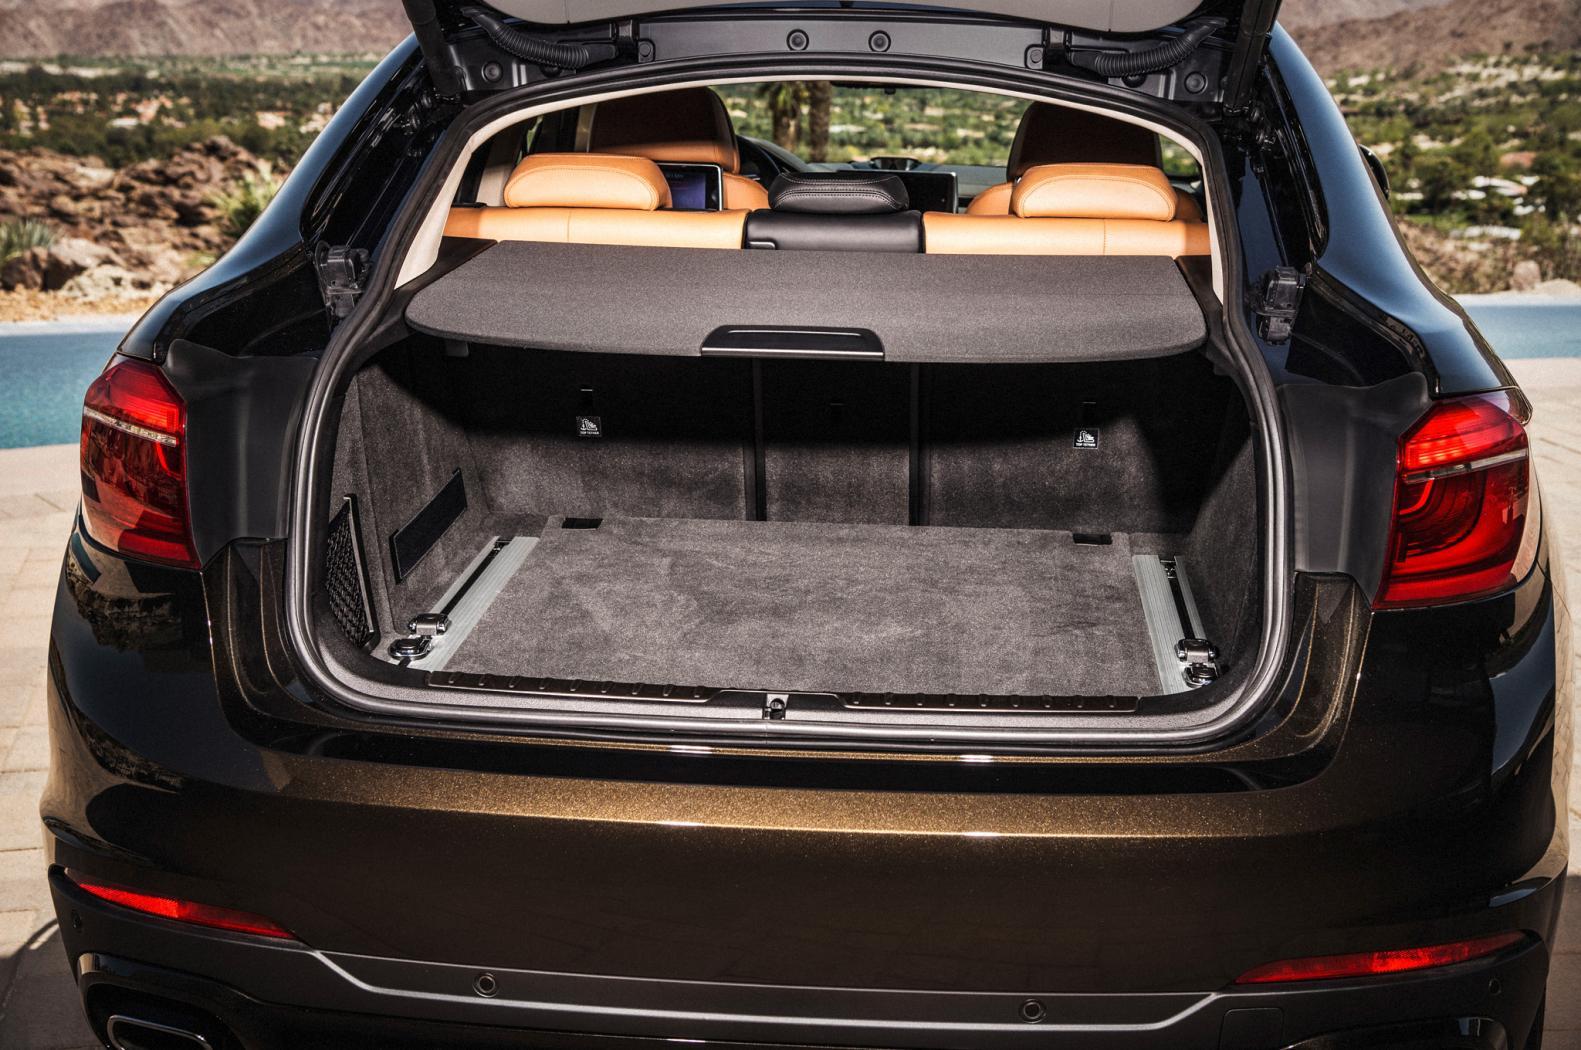 BMW-X6-F16-7.jpeg